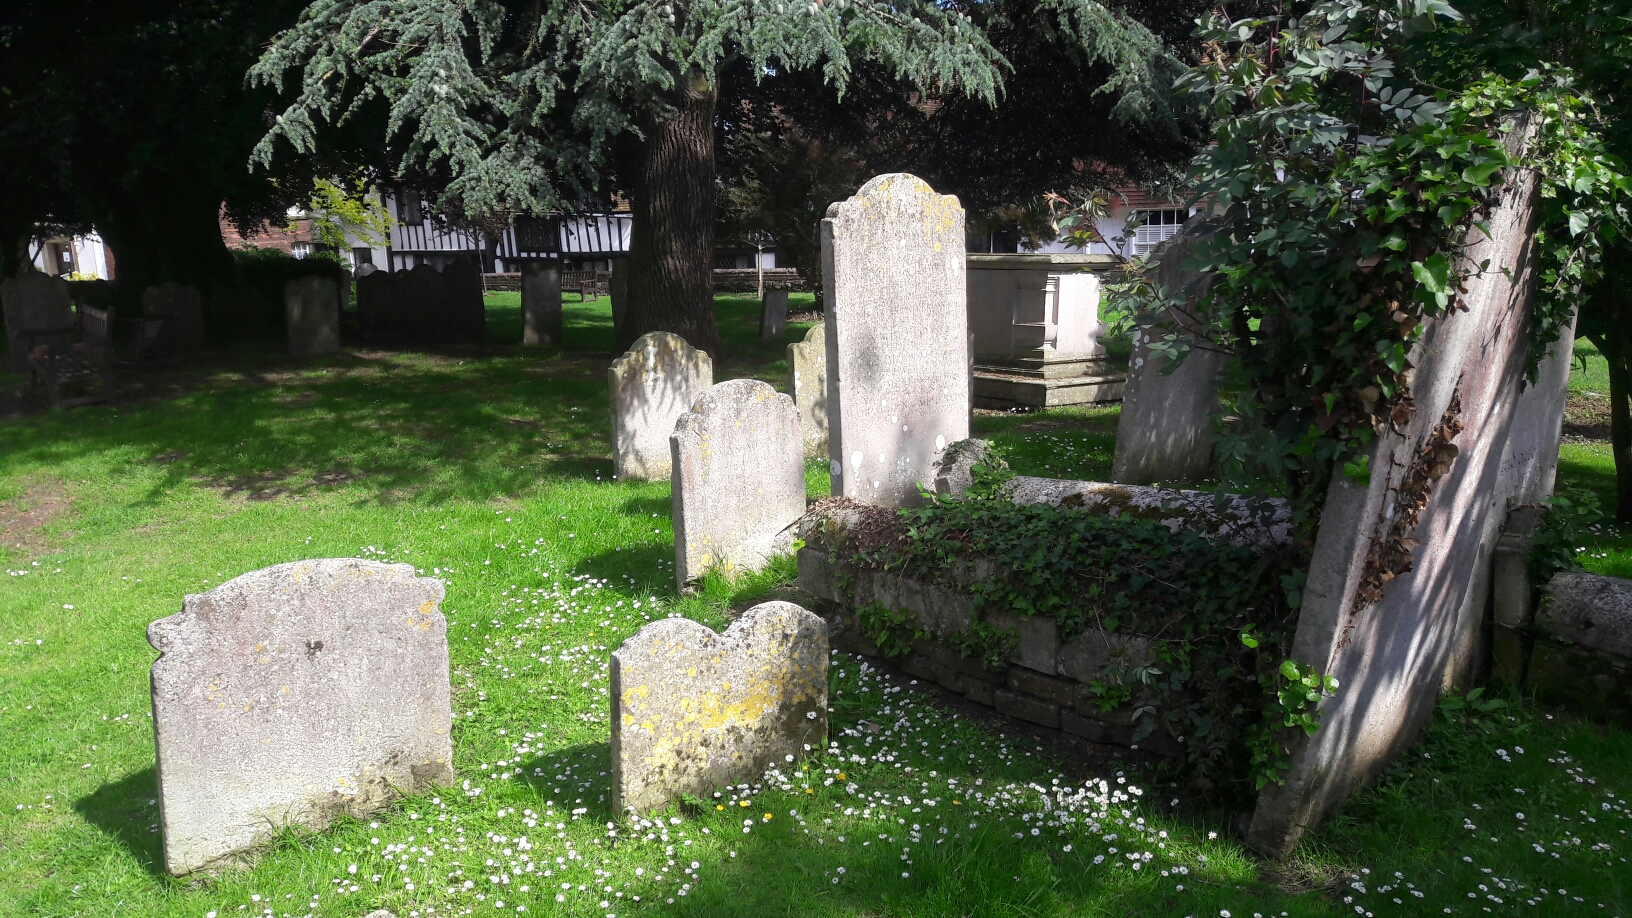 auf den Grabsteinen hinter der Kirche von Rye ist keine Inschrift mehr zu erkennen